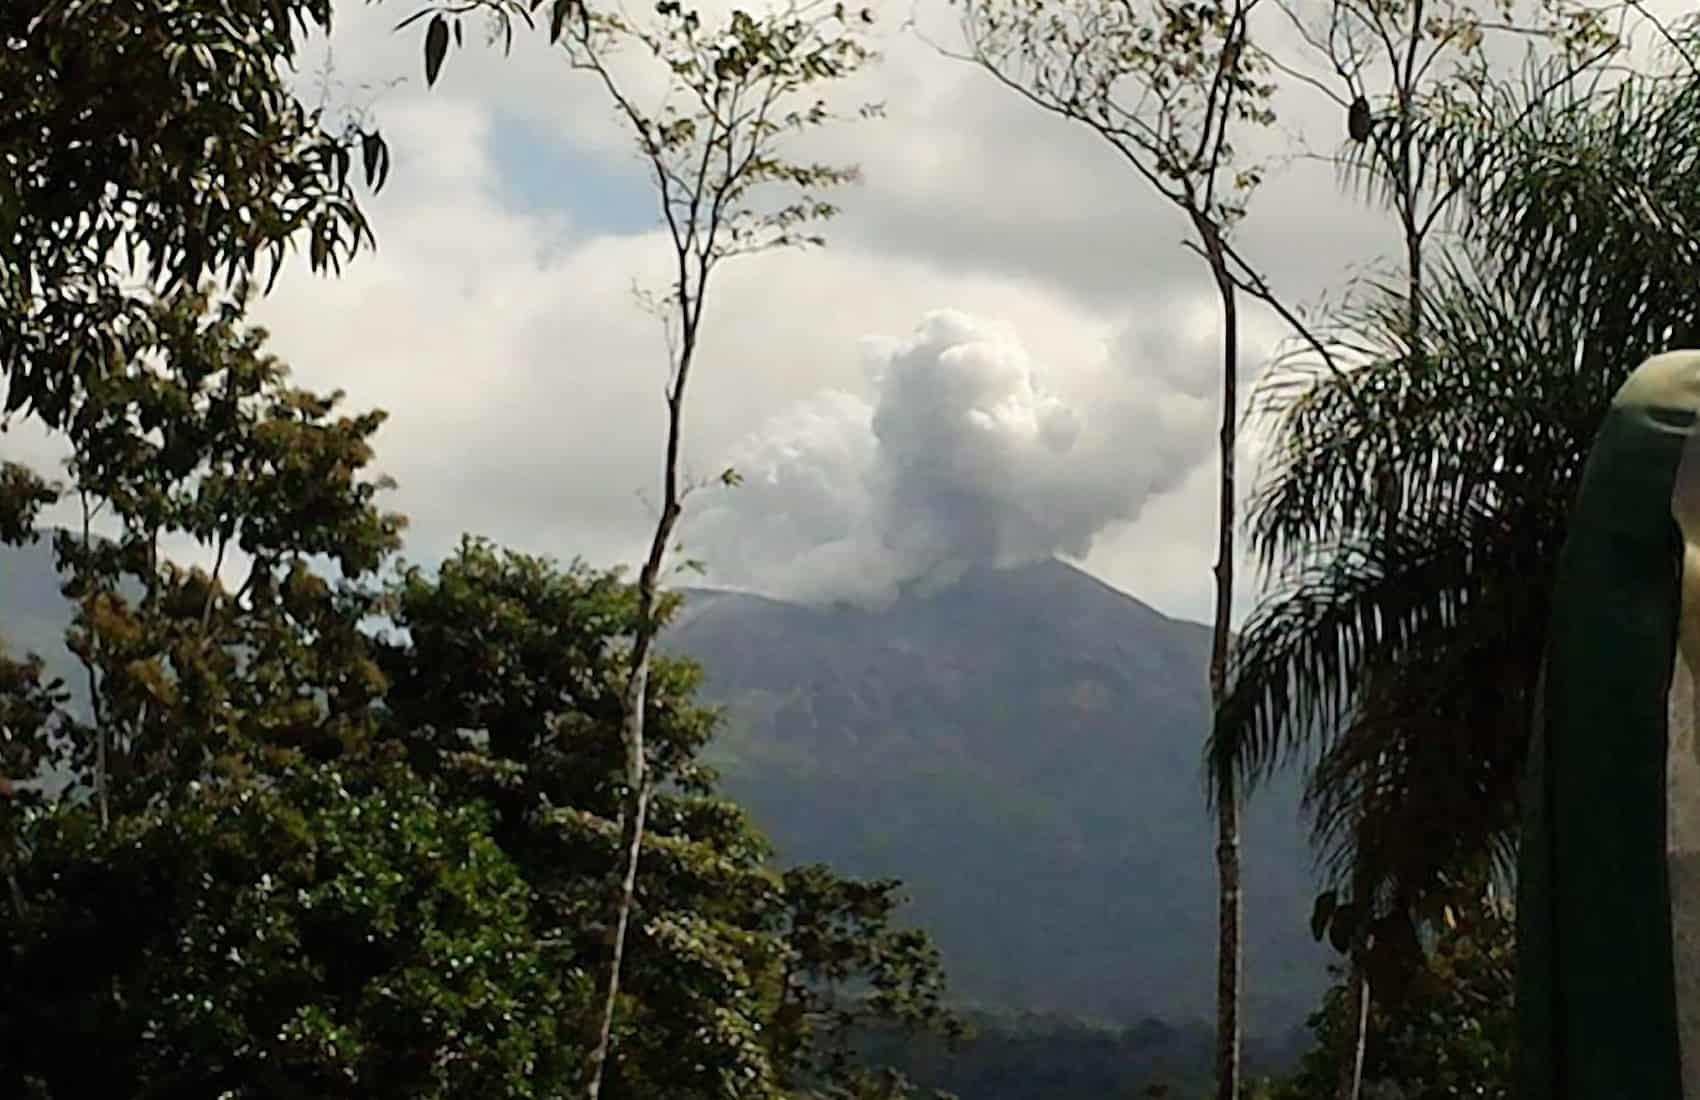 Rincón de la Vieja volcano, March 10, 2016.